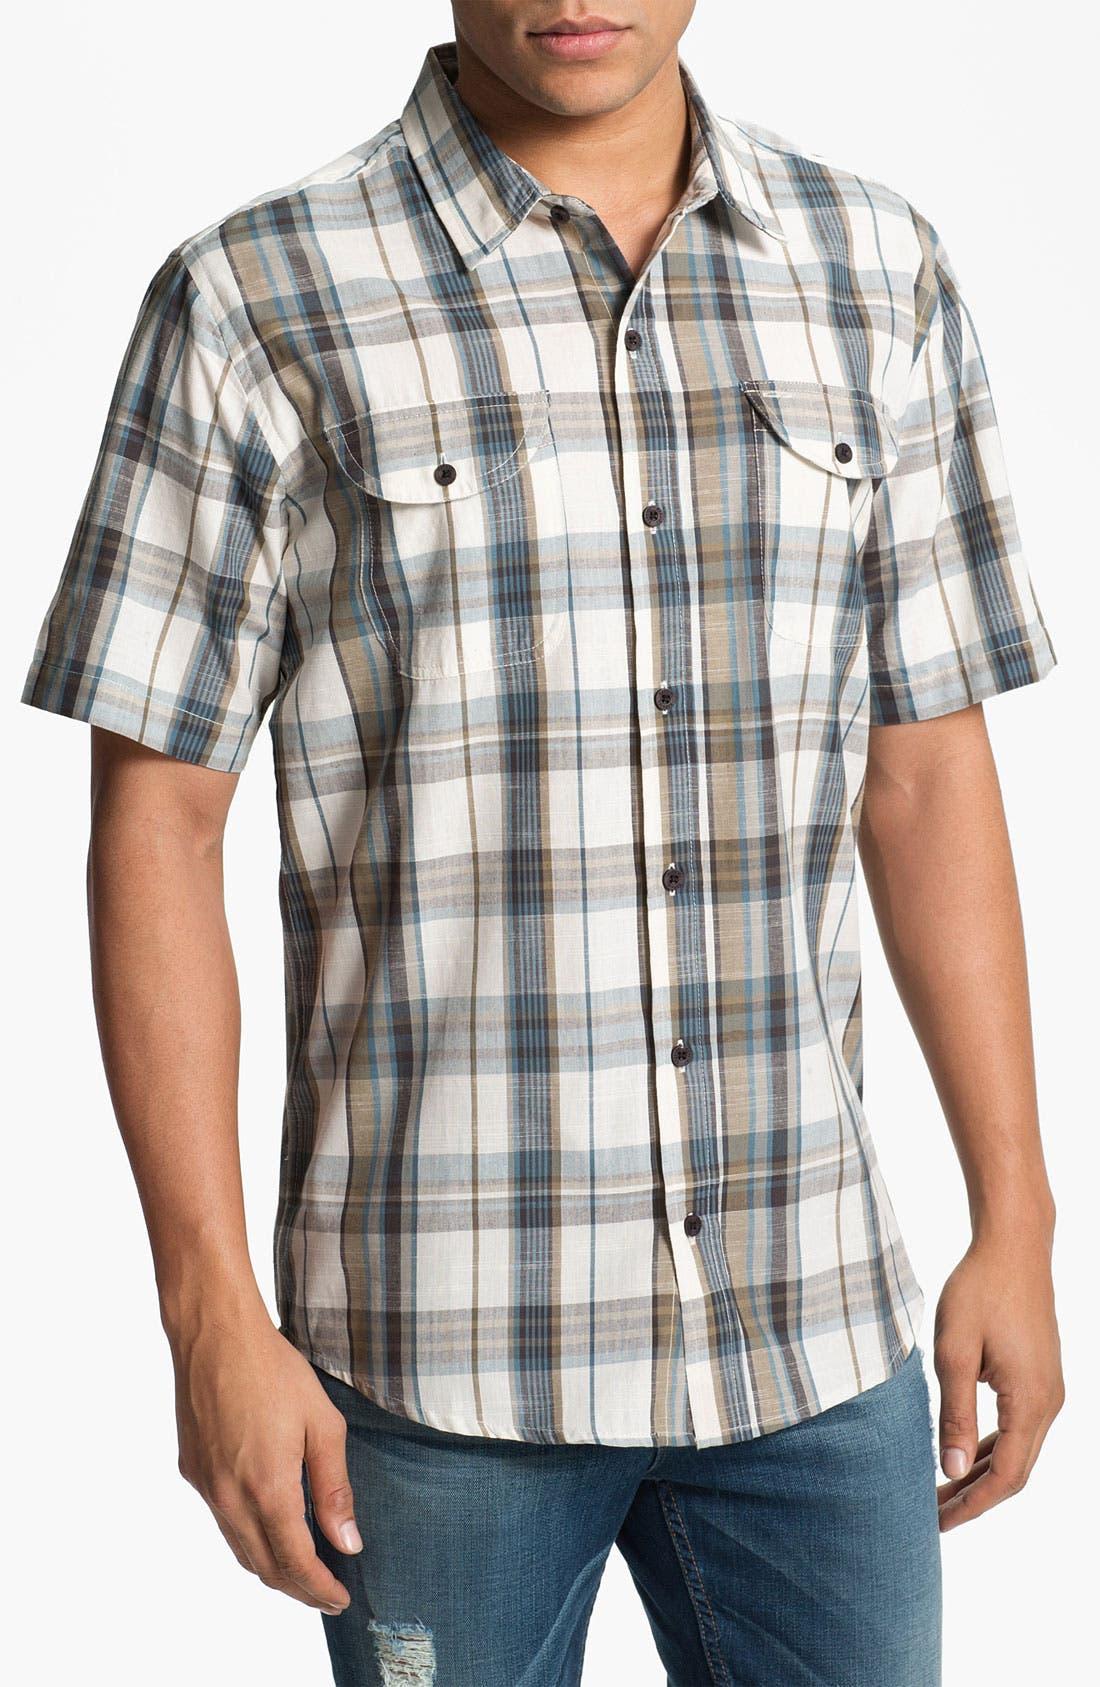 Alternate Image 1 Selected - Ezekiel 'Woodhouse' Short Sleeve Plaid Woven Shirt